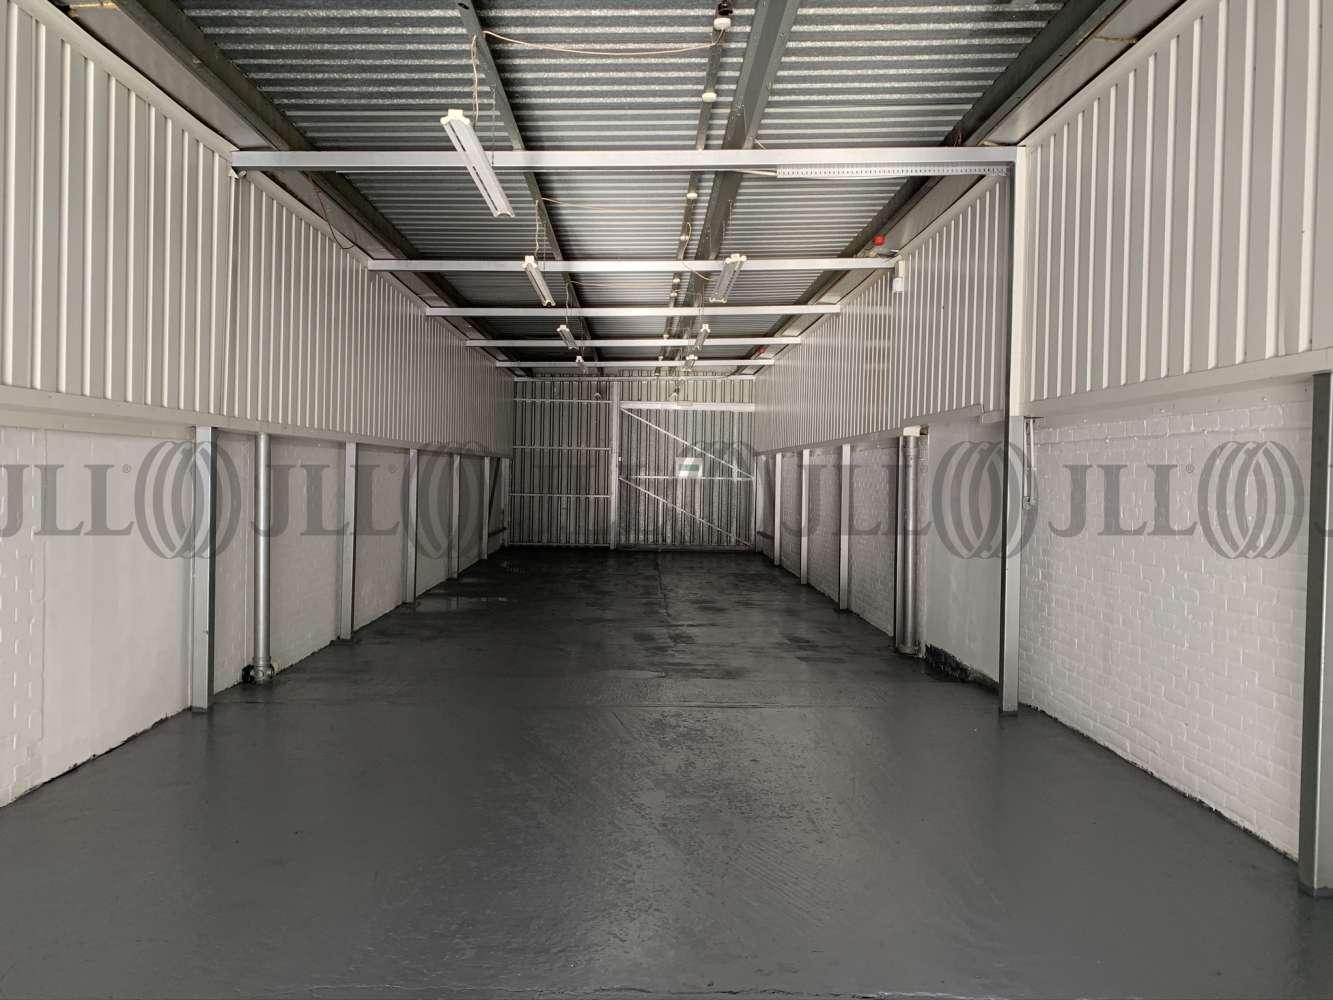 Industrial Bognor regis, PO22 9QT - Unit 16 B Castlegrove Business Park